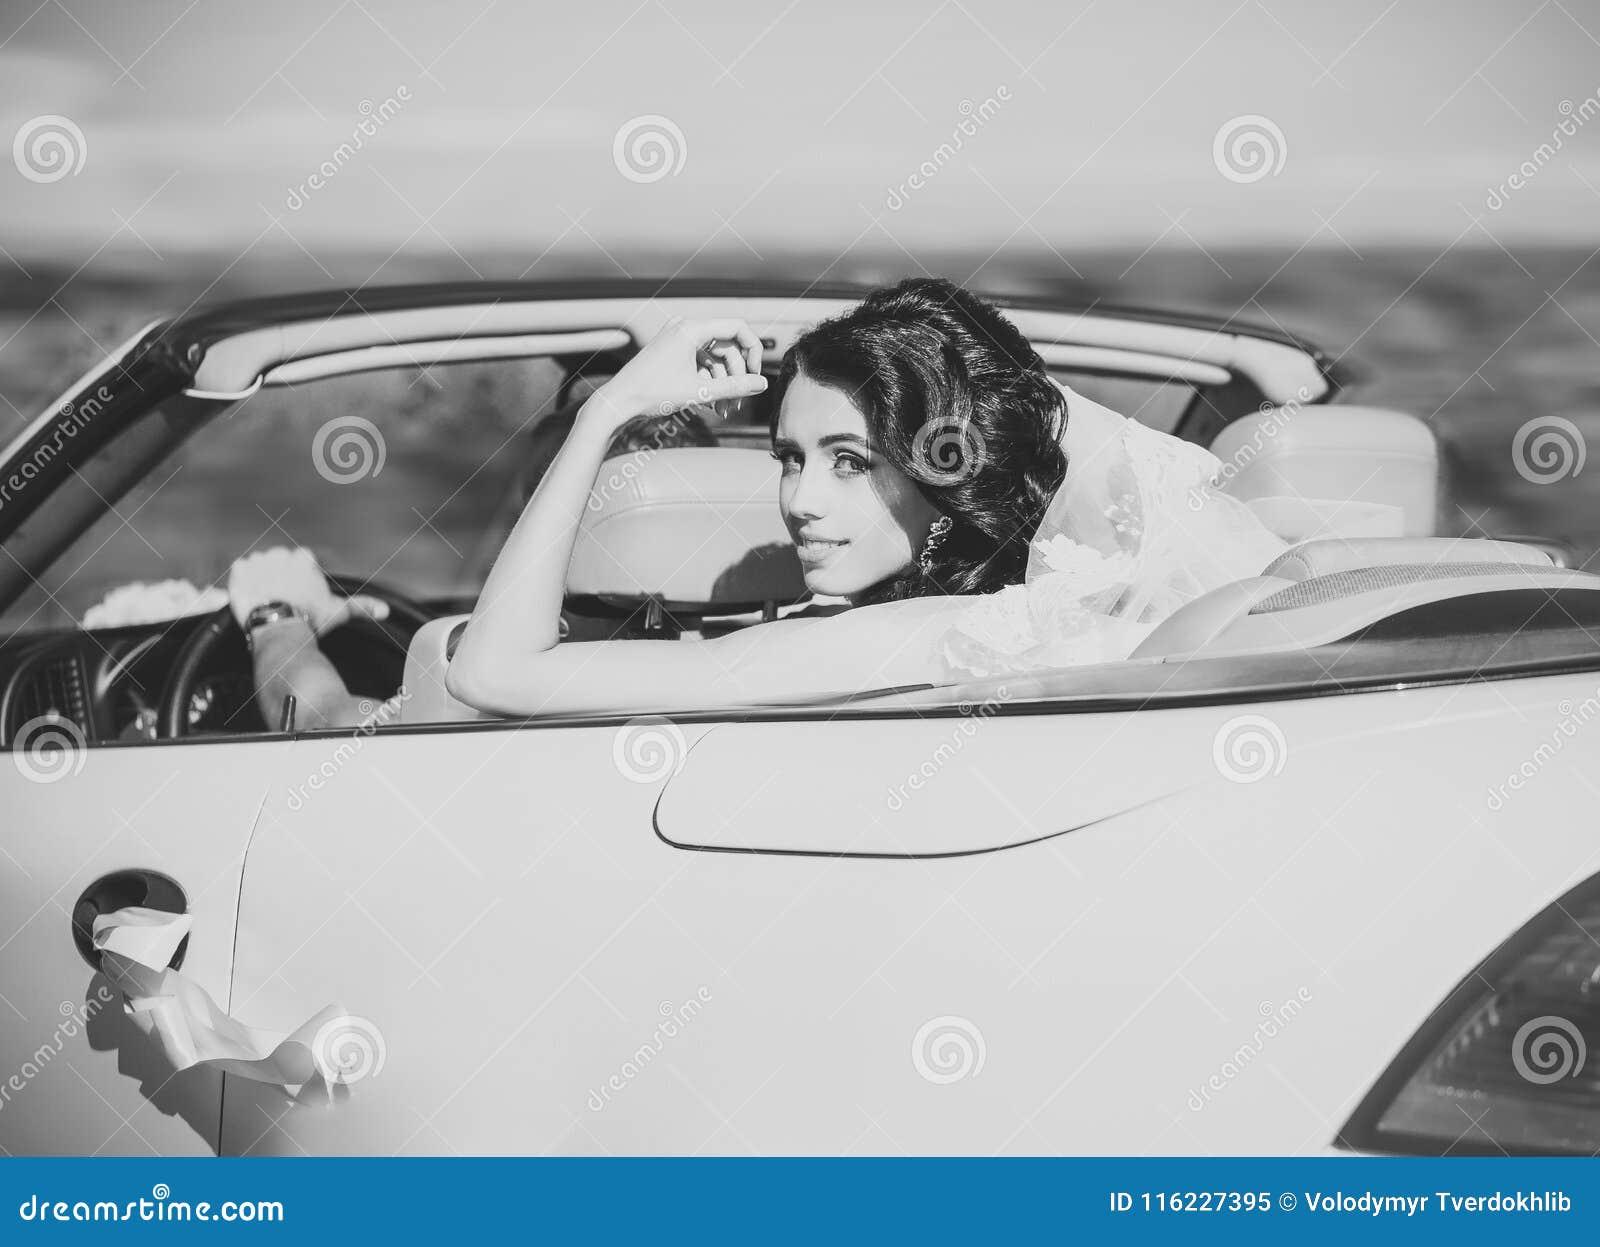 Bride in veil sit in white car cabriolet, wedding